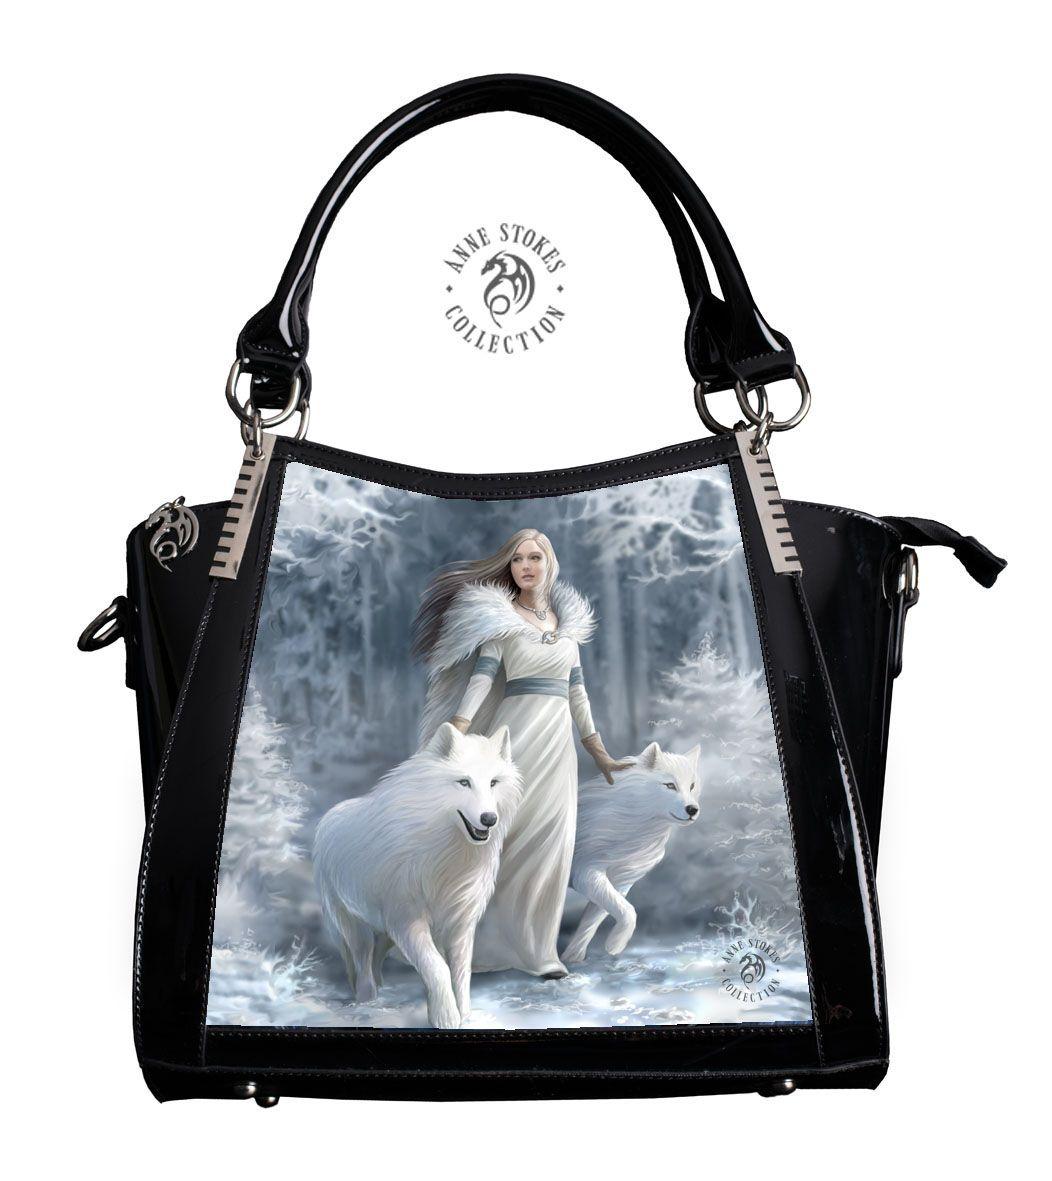 ANNE STOKES 3D Large Hand Bag Black PVC Goth Blue Mermaid Sailors Ruin